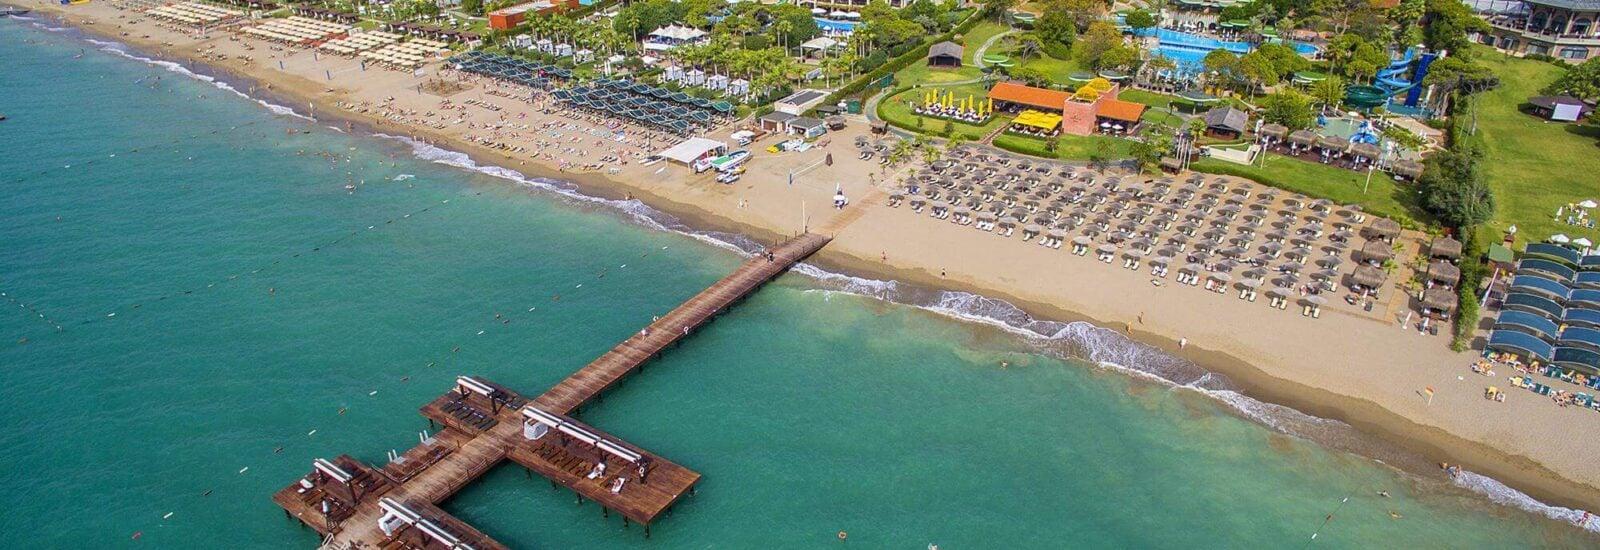 Gloria Verde Aerial View